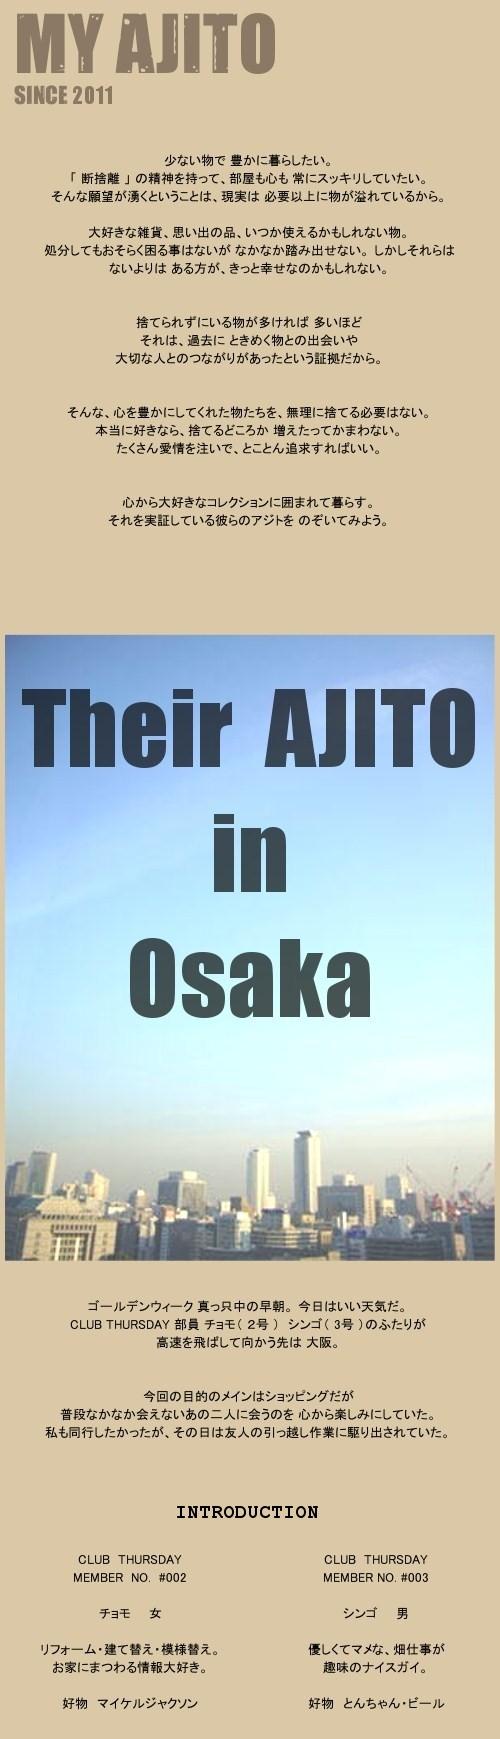 OSAKA_1.jpg